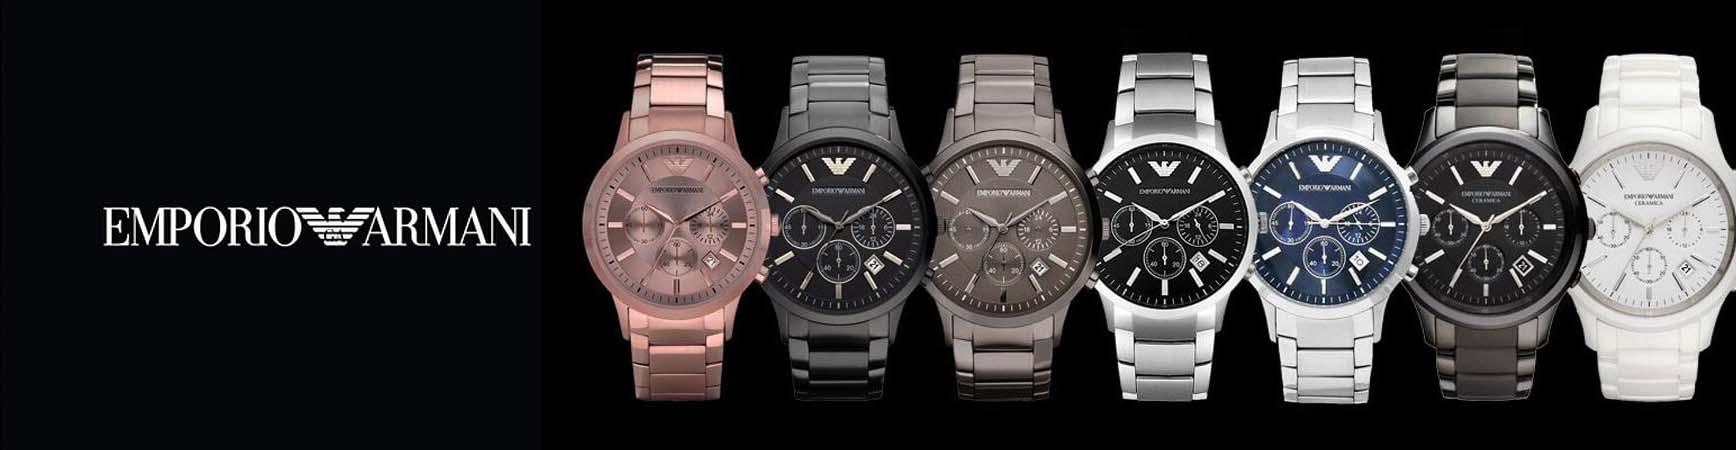 e7ba7a9ee33 Relógio Emporio Armani AR5905 em Aço Inoxidável Silicone Preto